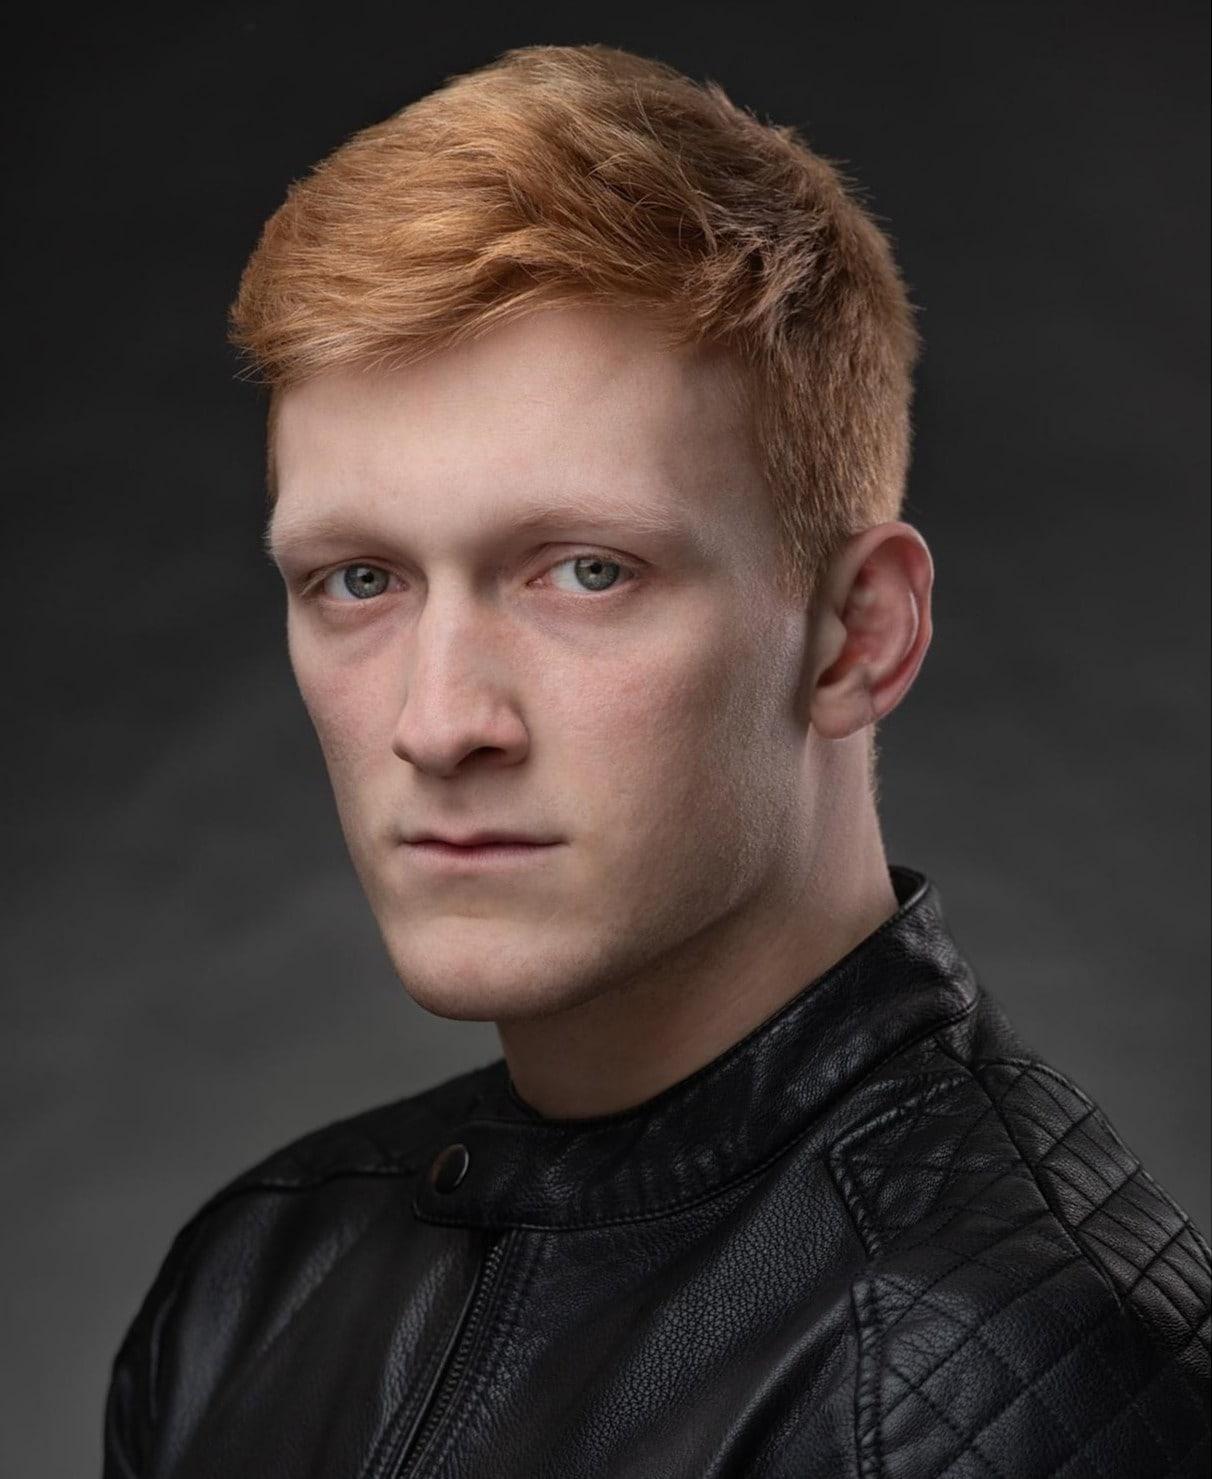 Male Actors Jacob